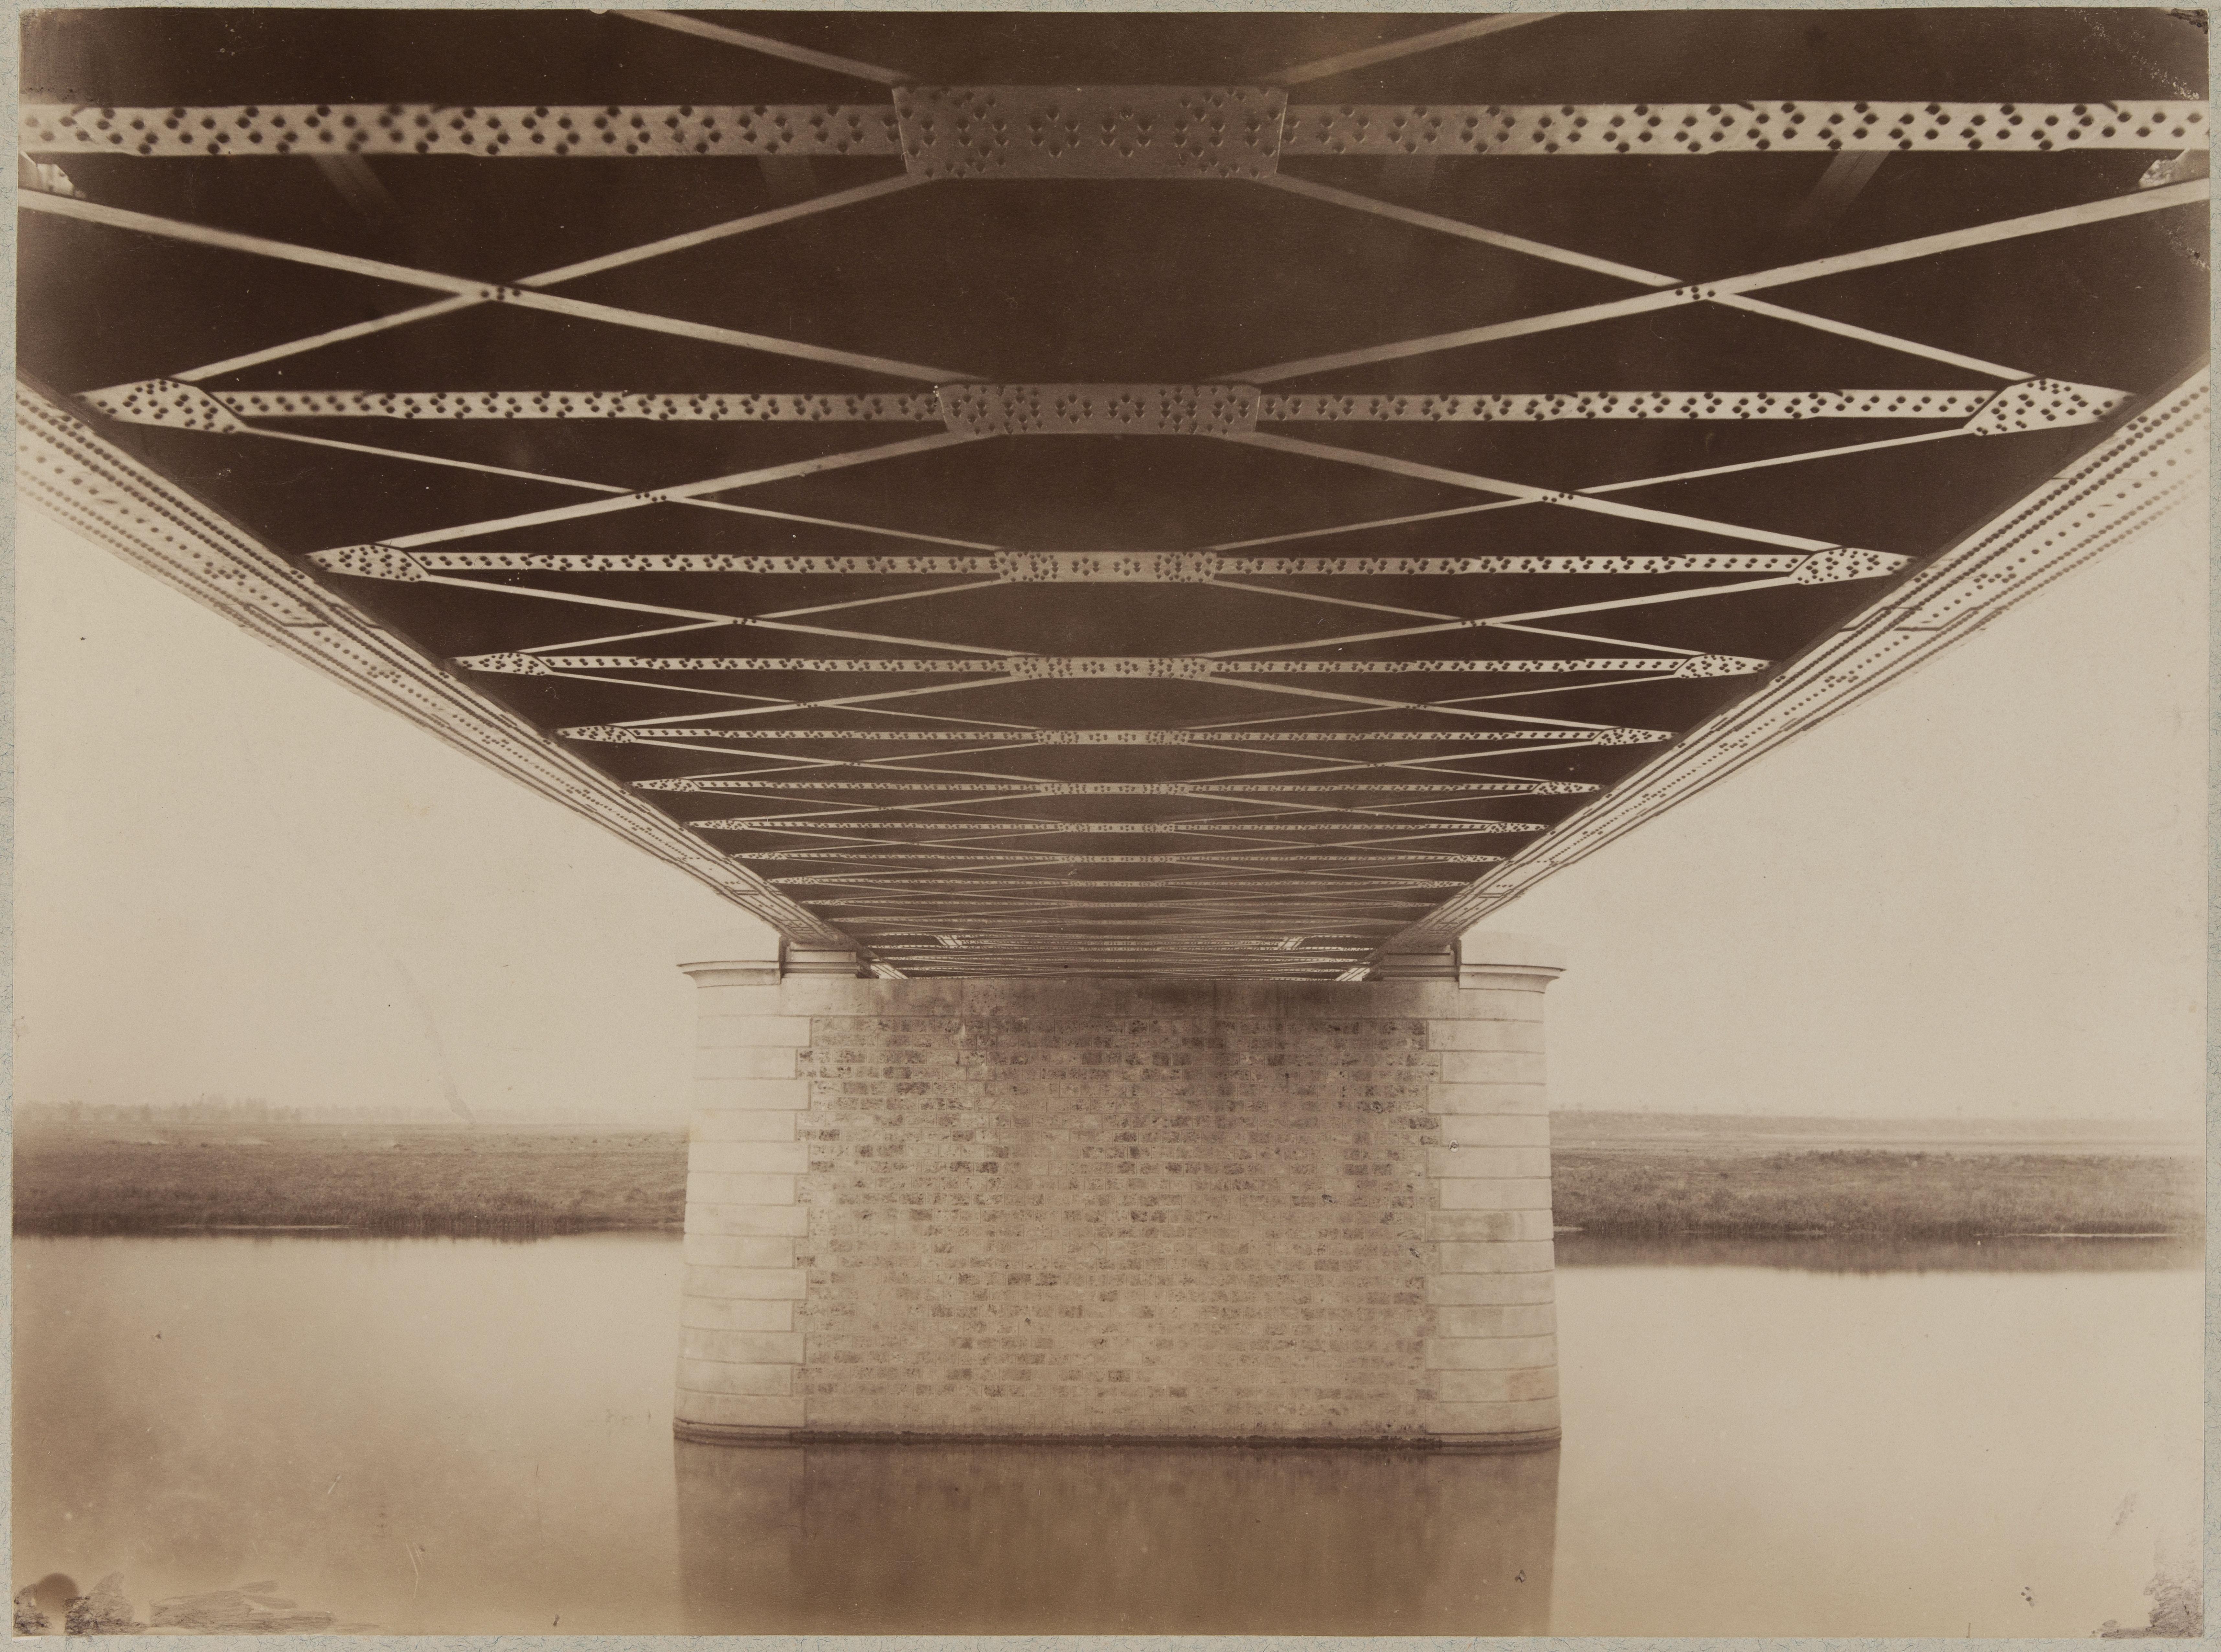 Мост в Шуази-ле-Руе. Вид снизу